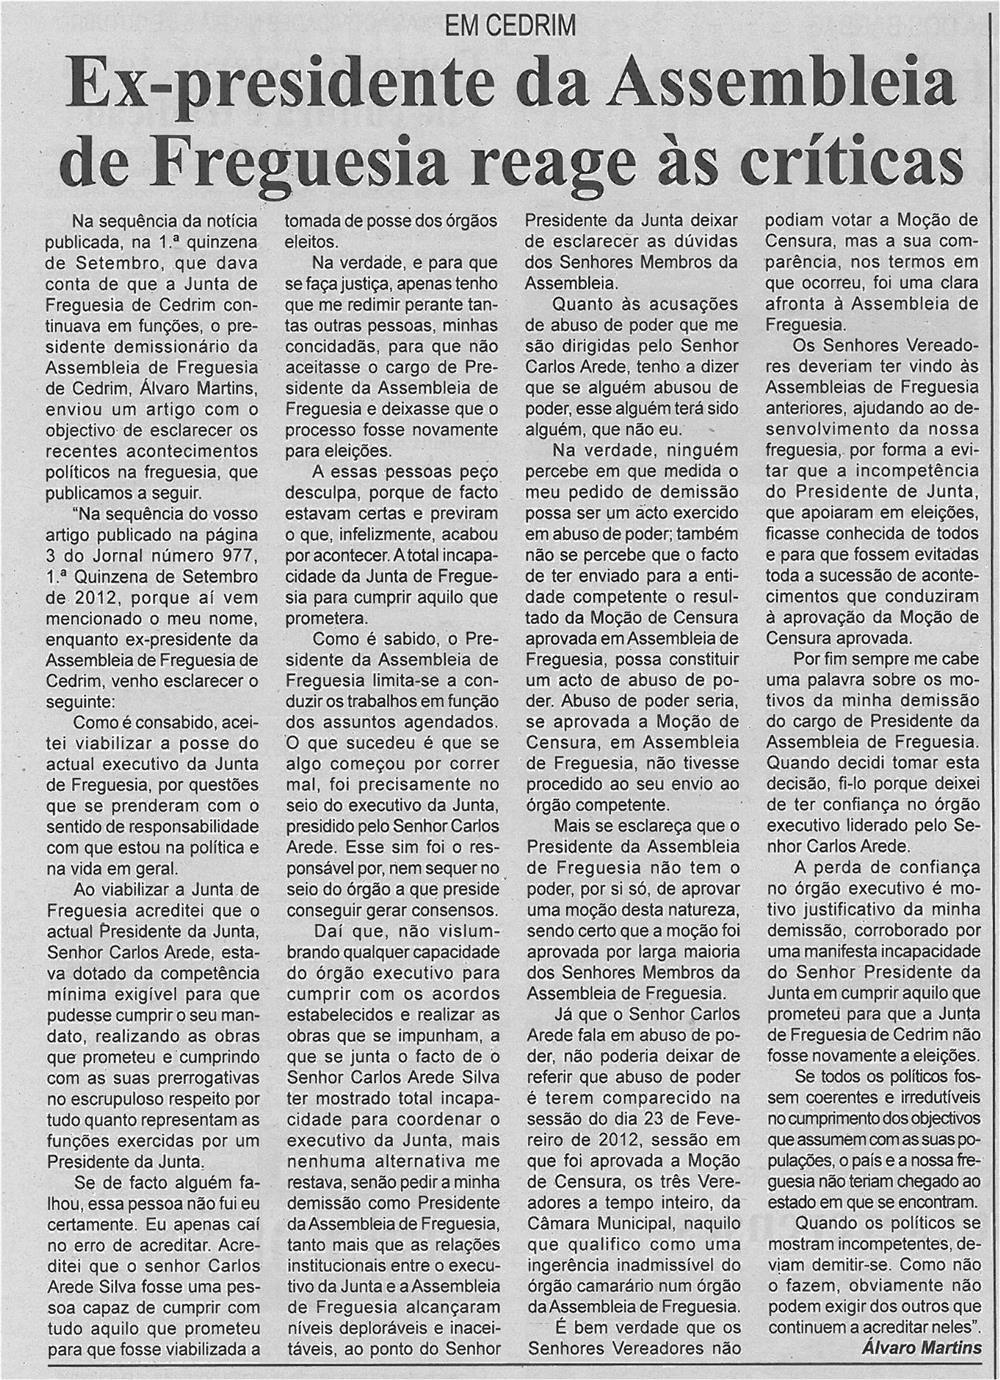 BV-1ªout-p6-Ex-presidente da Assembleia de Freguesia reage às críticas.jpg